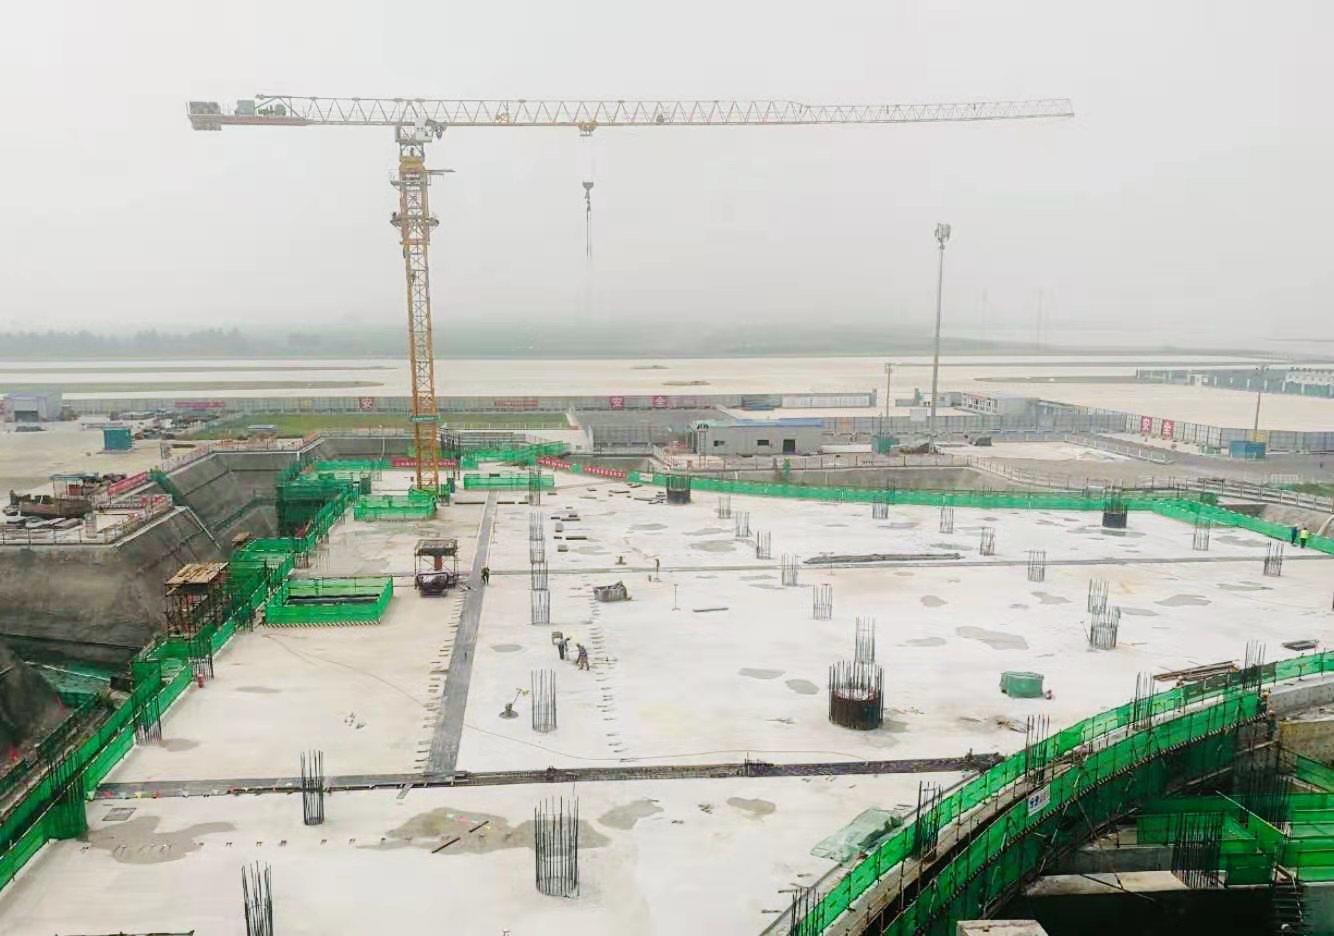 下穿京雄、京安城际轨道,大兴机场航站楼卫星厅局部封顶